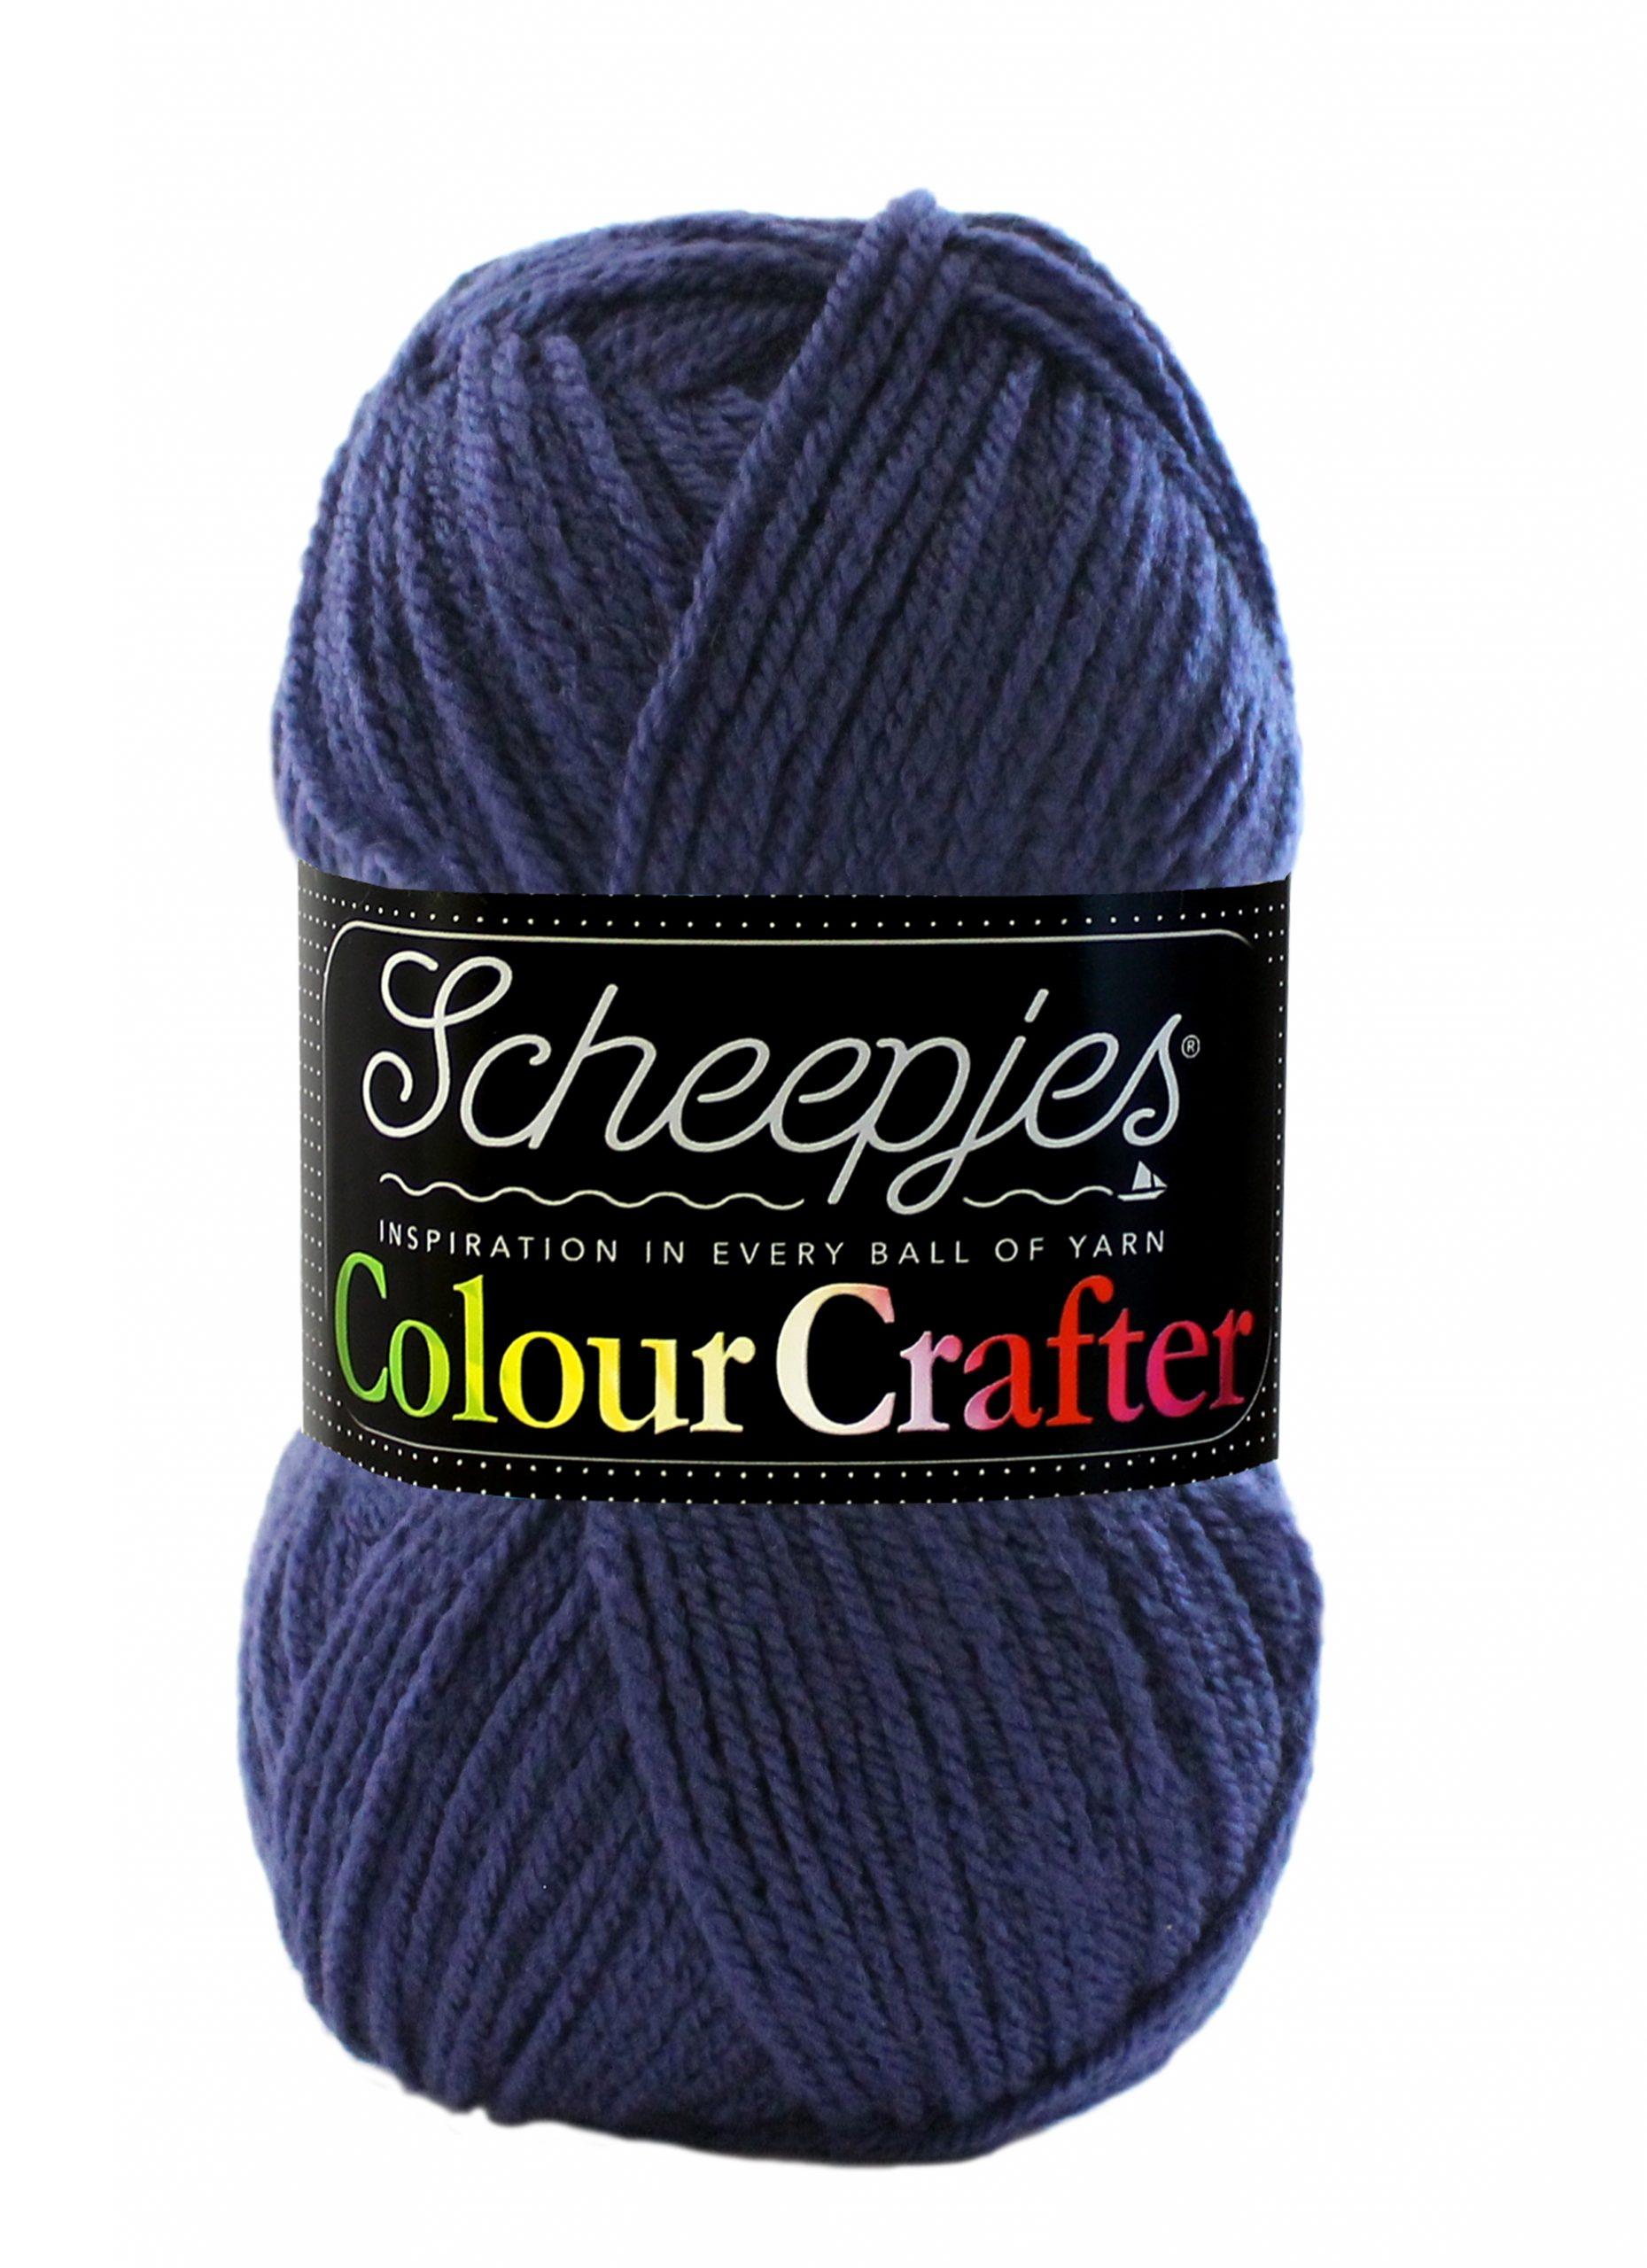 Scheepjes Colour Crafter – Oostende 2005 | garenhuisukeus.nl